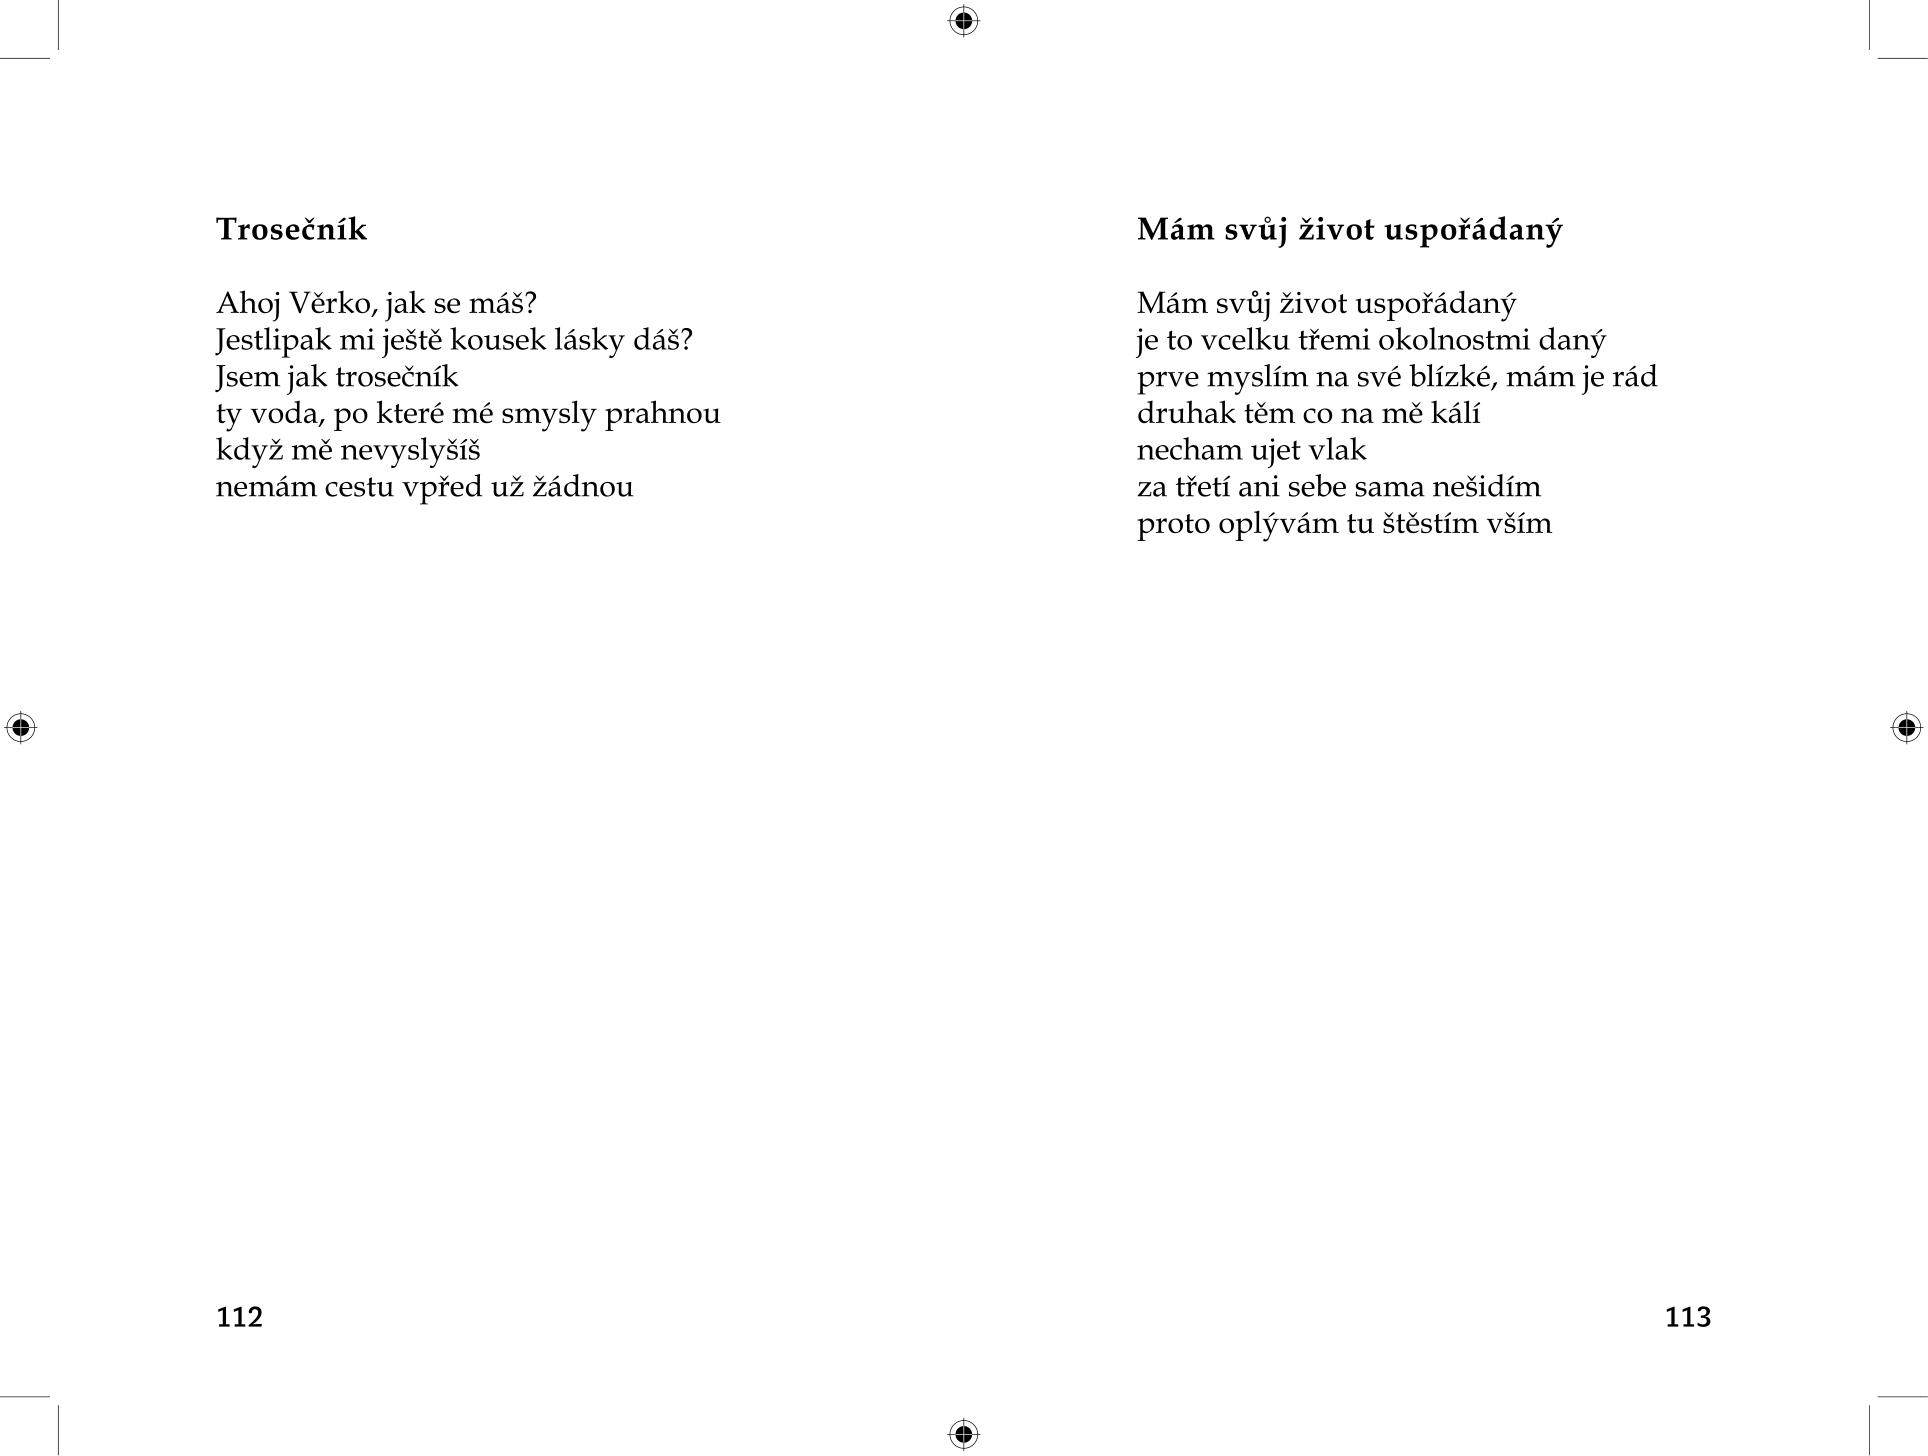 Verse_na_pockani_text-77